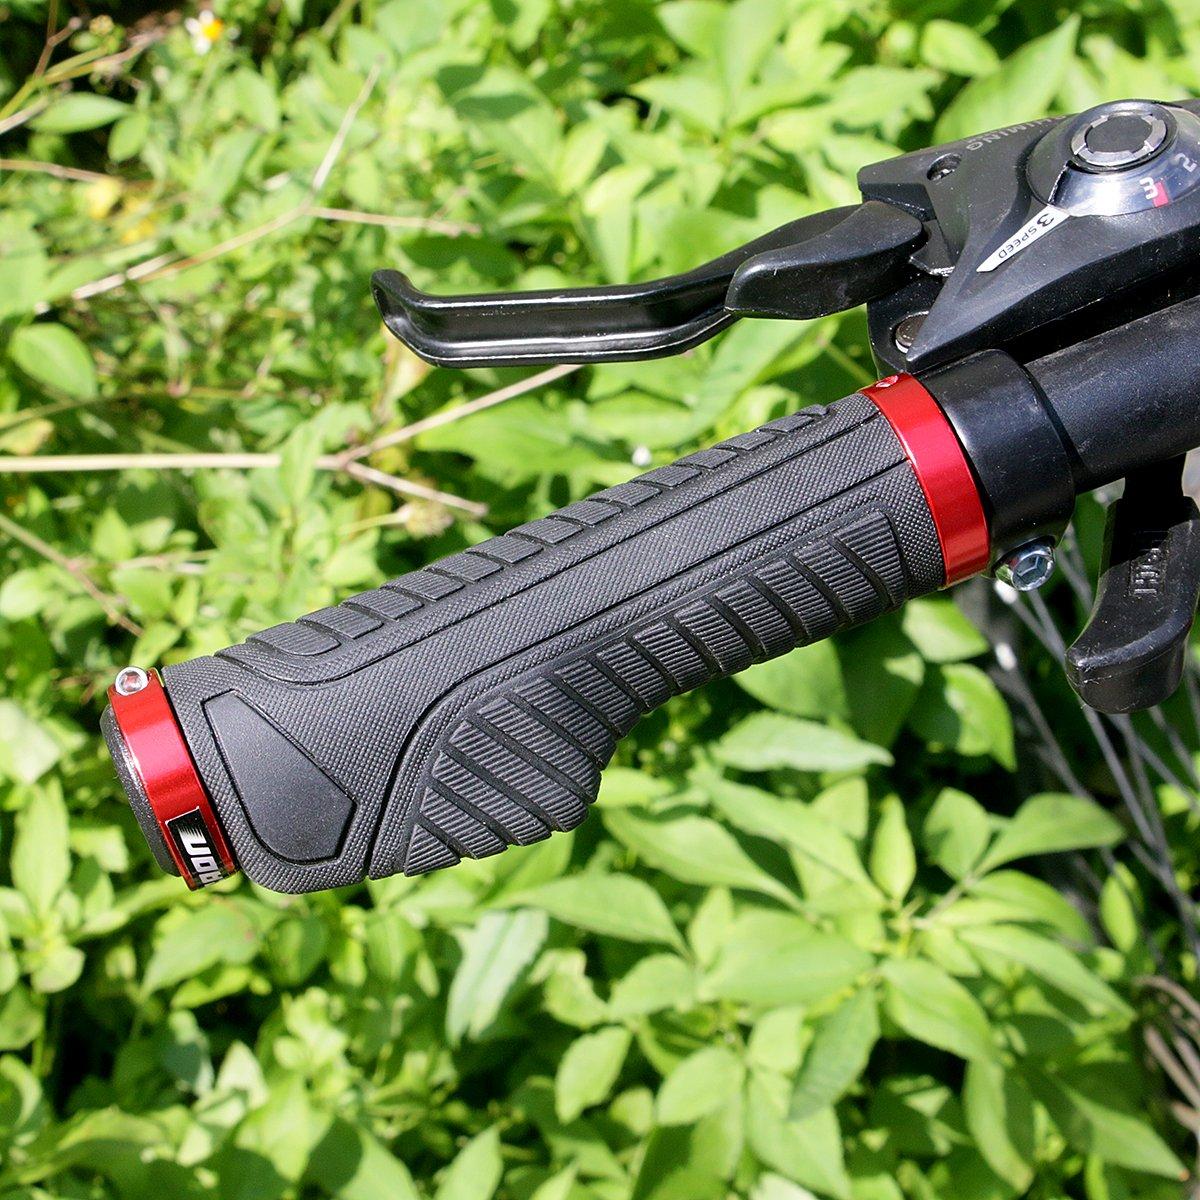 LYCAON Pu/ños de Manillar de Bicicleta Dos Lados de Bloqueo Antideslizante de Caucho Agarre de la manija de la Bicicleta con Bloqueo de aleaci/ón de Aluminio